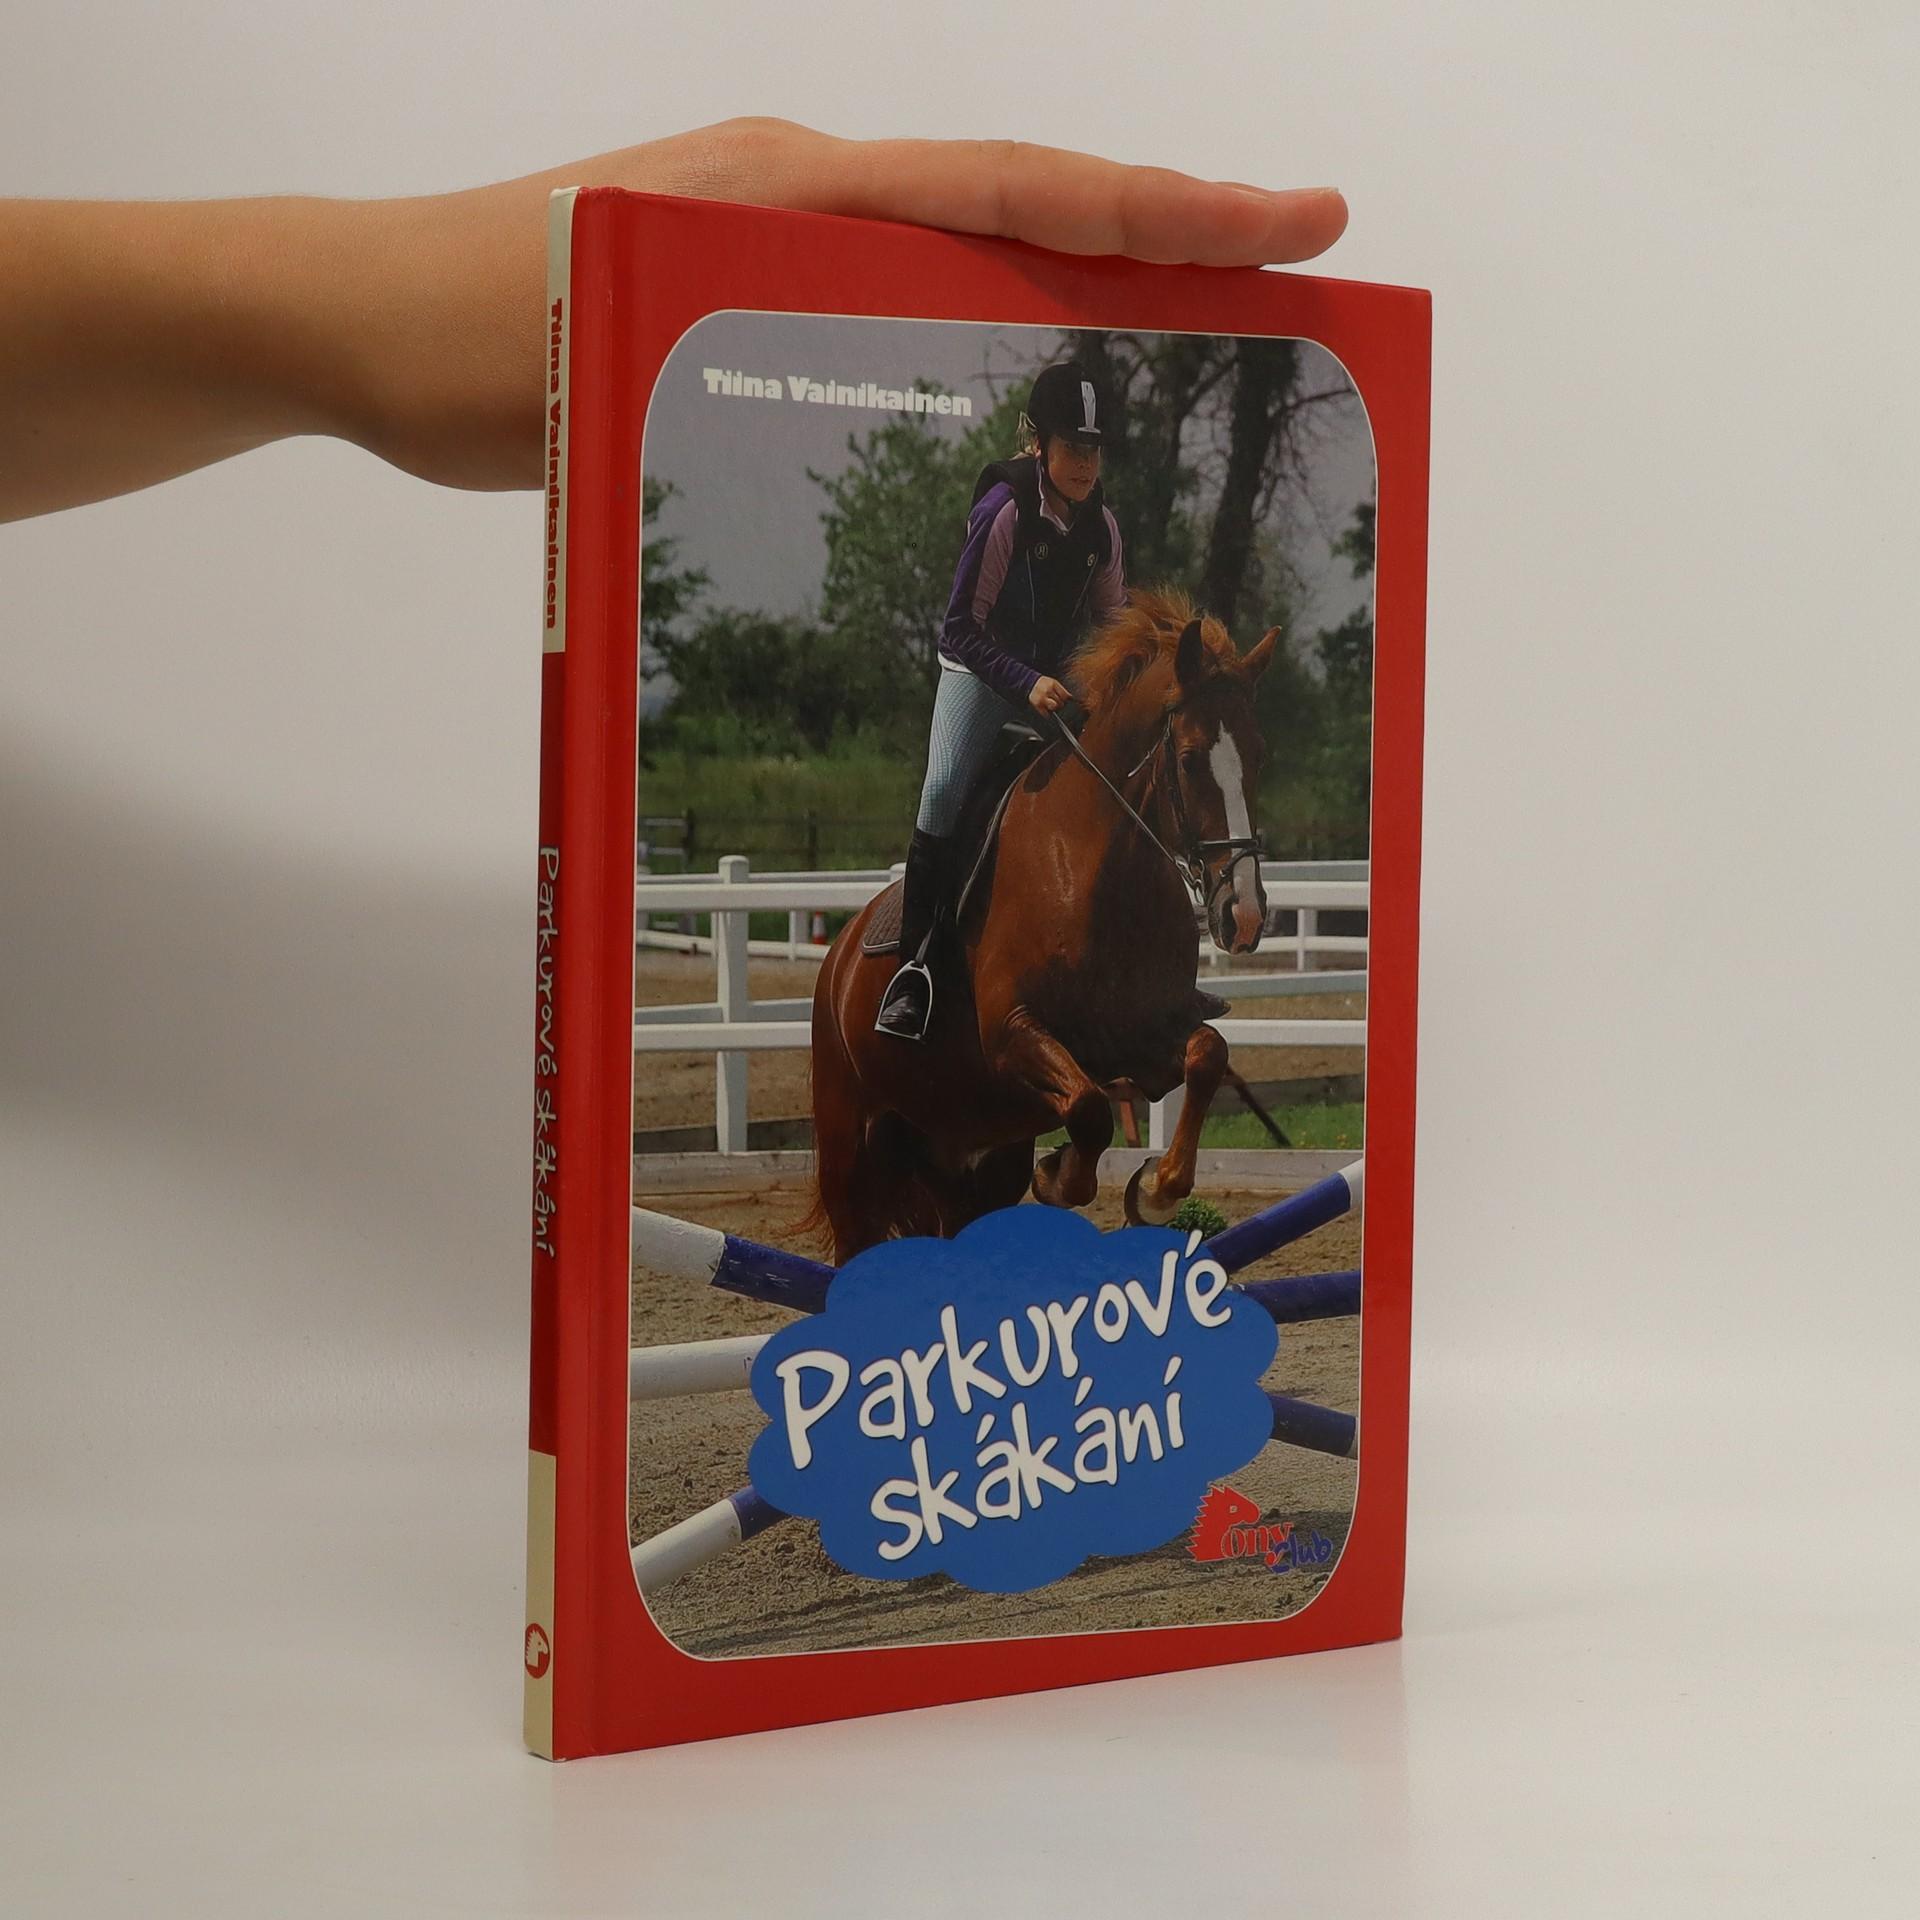 antikvární kniha Parkurové skákání, 2008